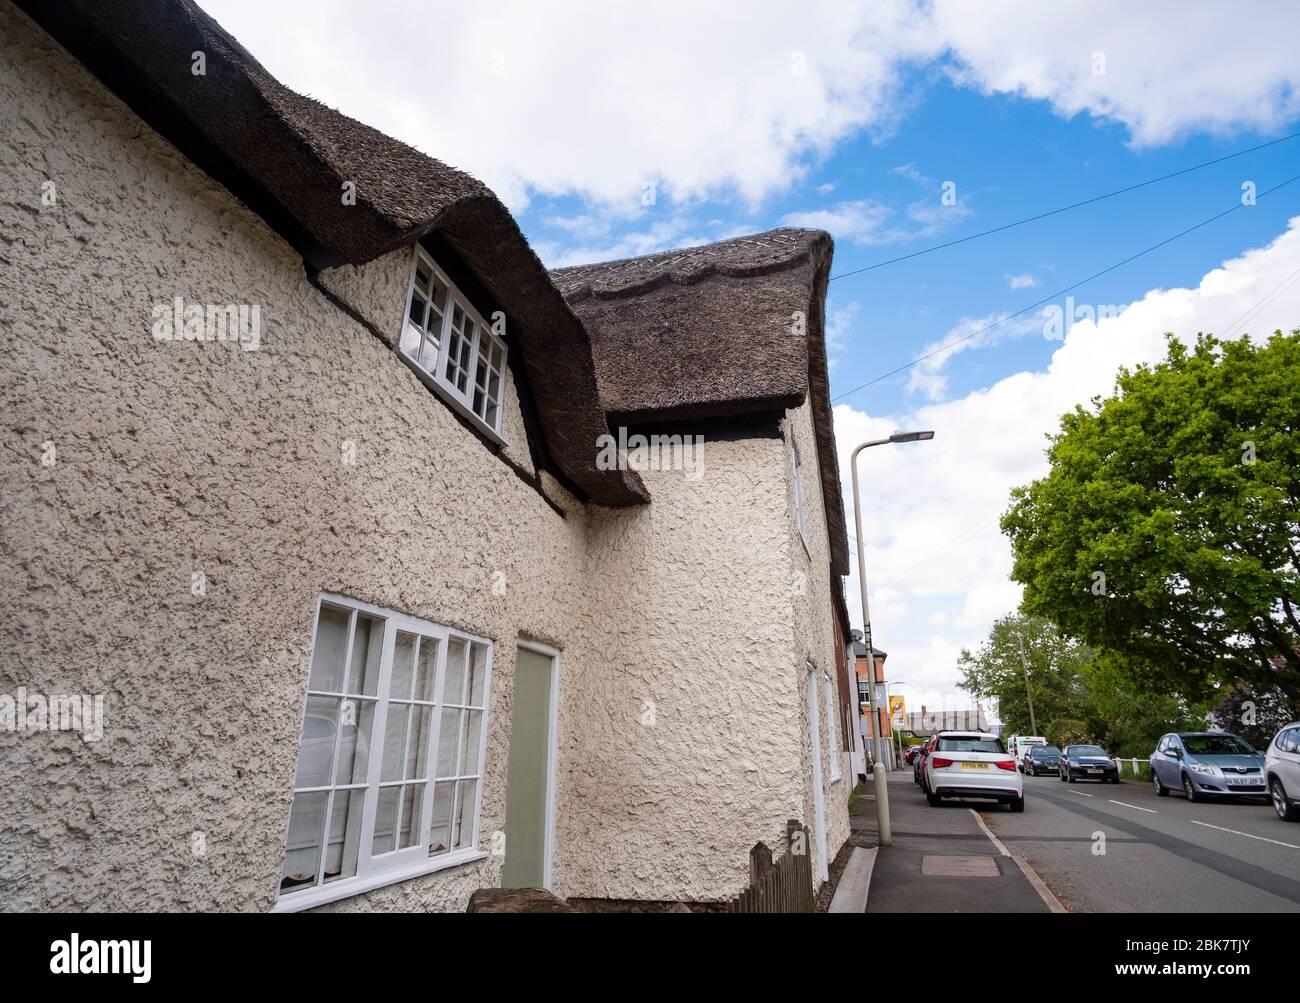 Exemple de maisons de toit en chaume dans le village de Hemington, Leicestershire, Royaume-Uni Banque D'Images